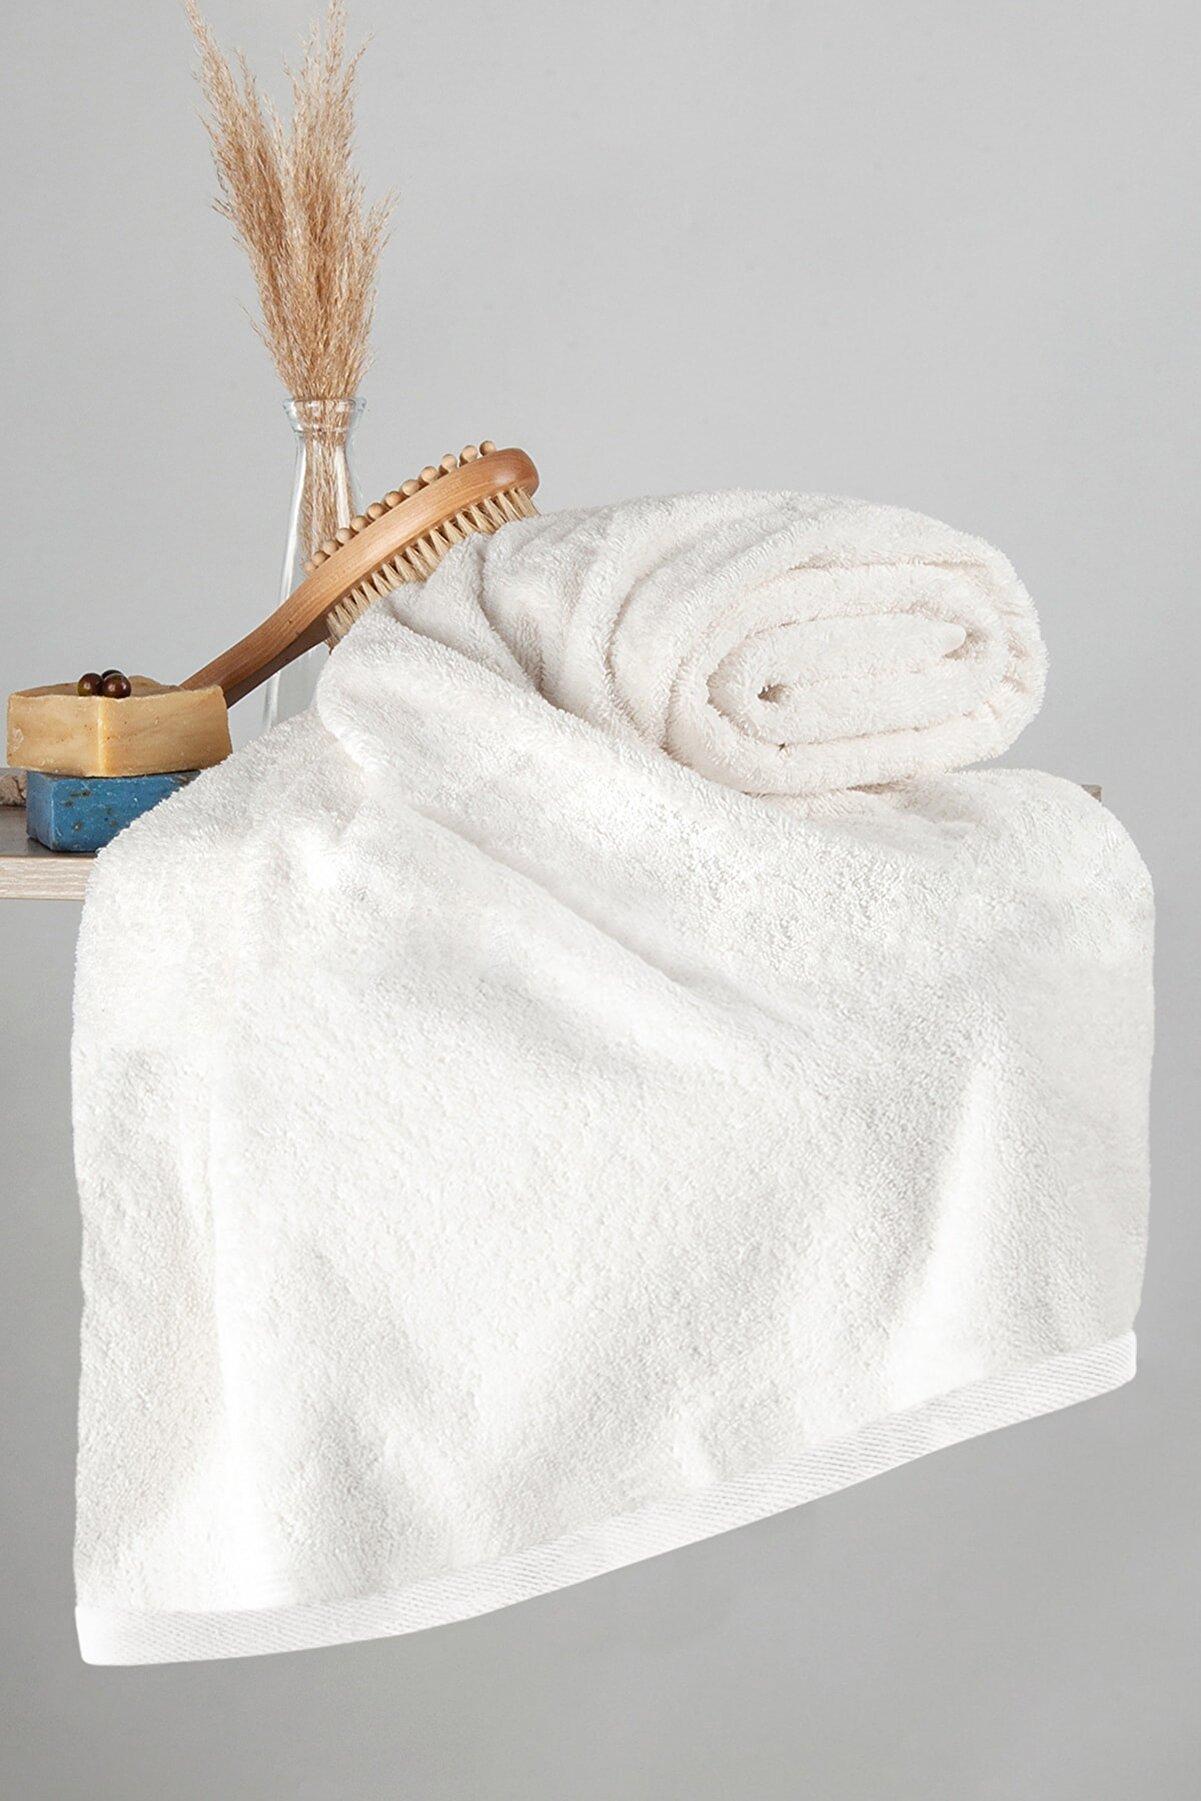 Nazik Home 400gr Pamuk Havlu 70 X 140 Banyo Vücut Havlusu Krem Renk